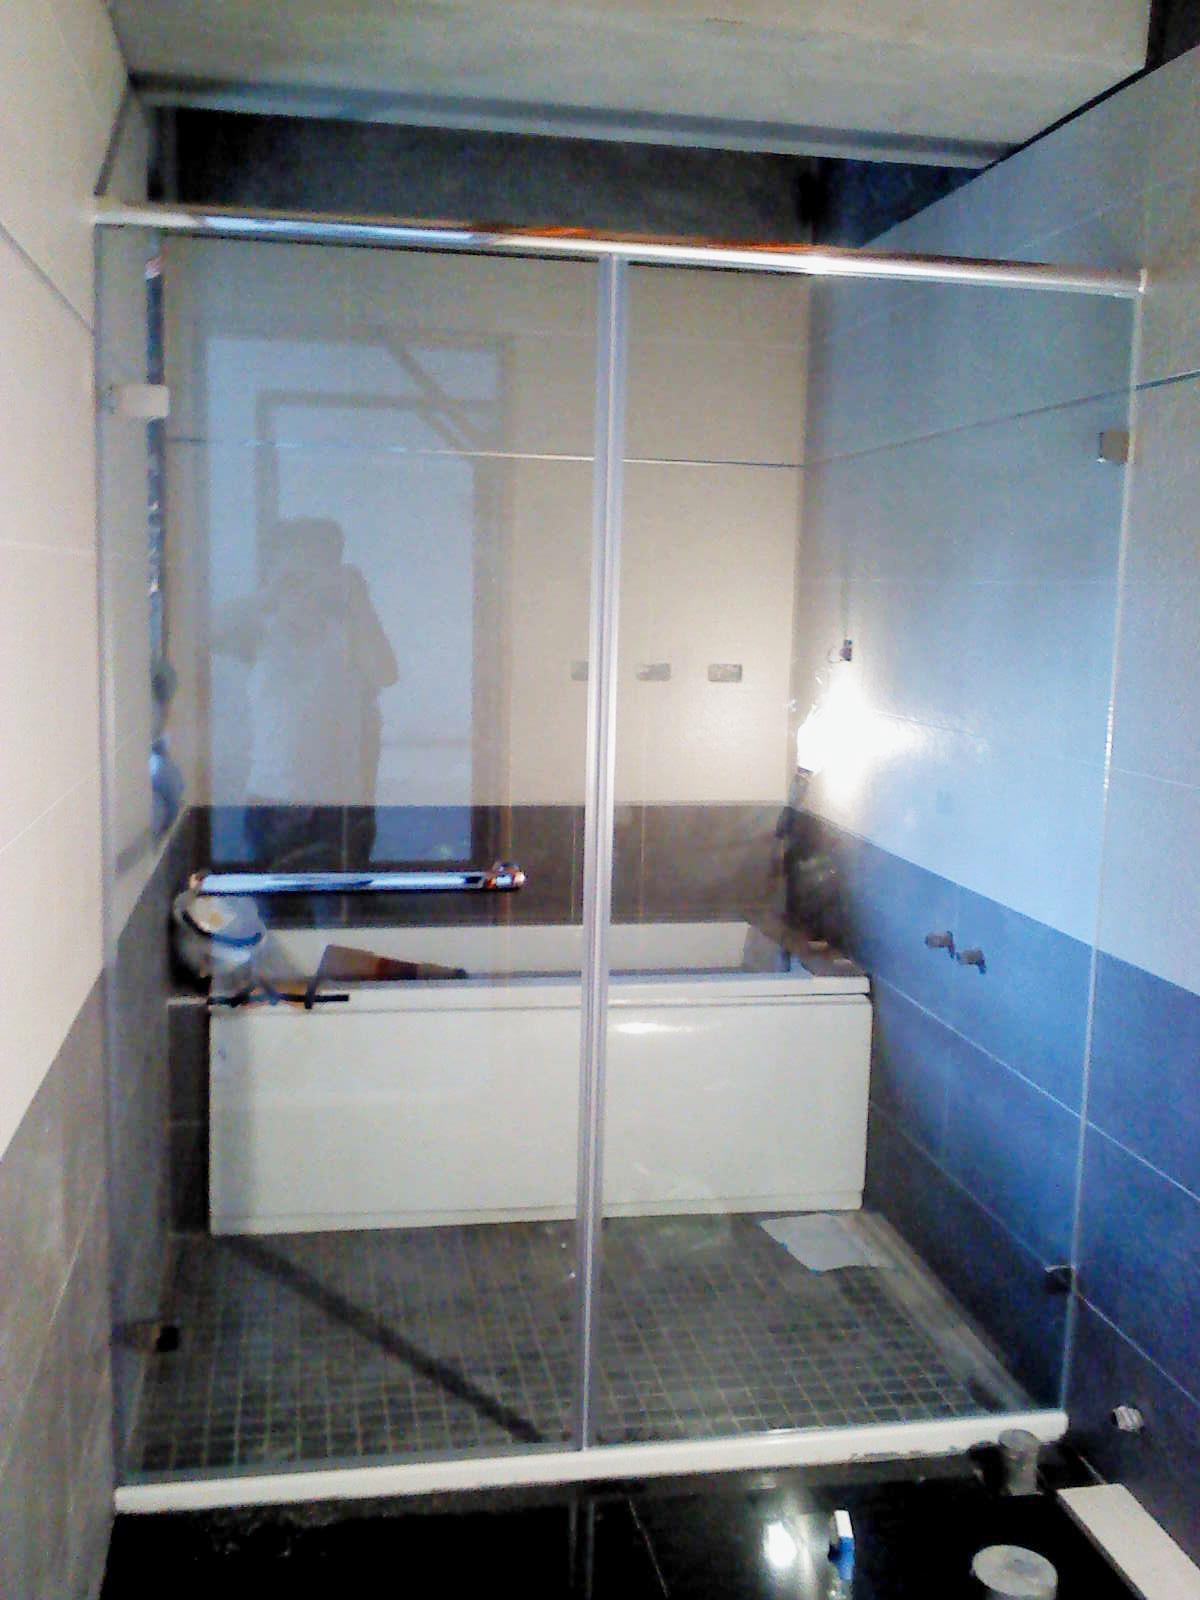 規劃一個乾濕分離的空間,挑選哪一種淋浴拉門?!-淋浴拉門